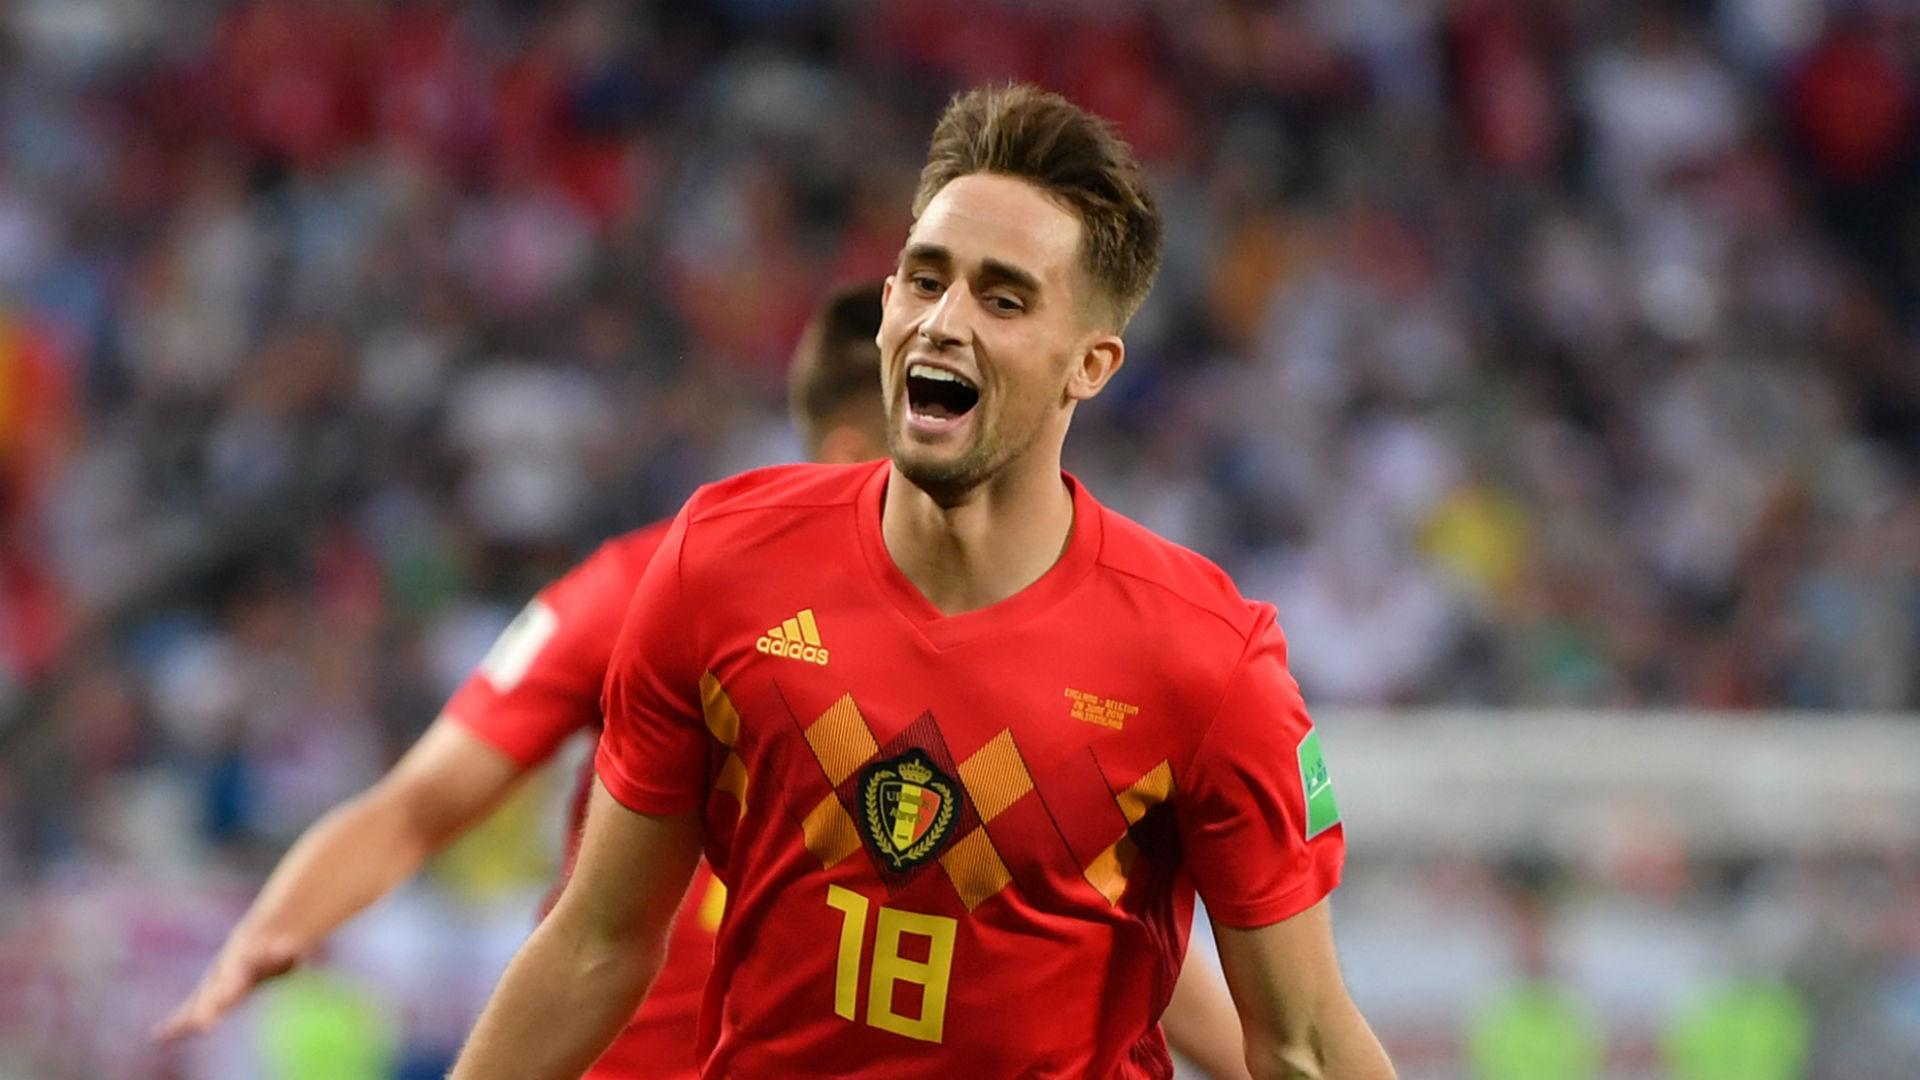 Adnan Januzaj Belgium England World Cup